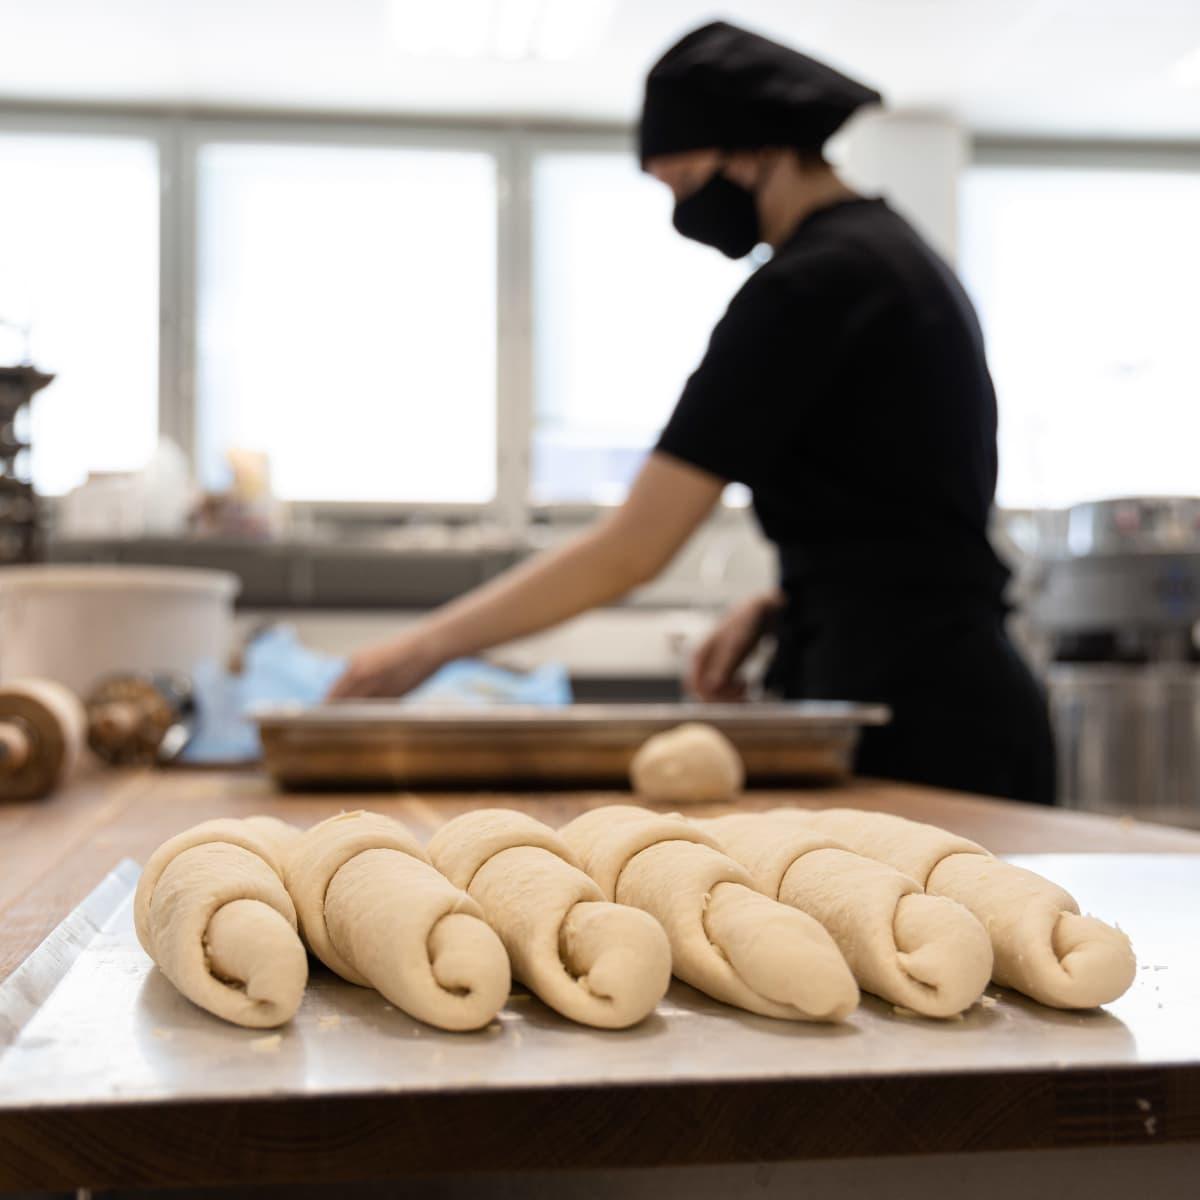 Leipomoalan opiskelija Saimaan ammattiopisto Sampon keittiössä tekemässä leivonnaisia. Etualla juustovoisarvia.